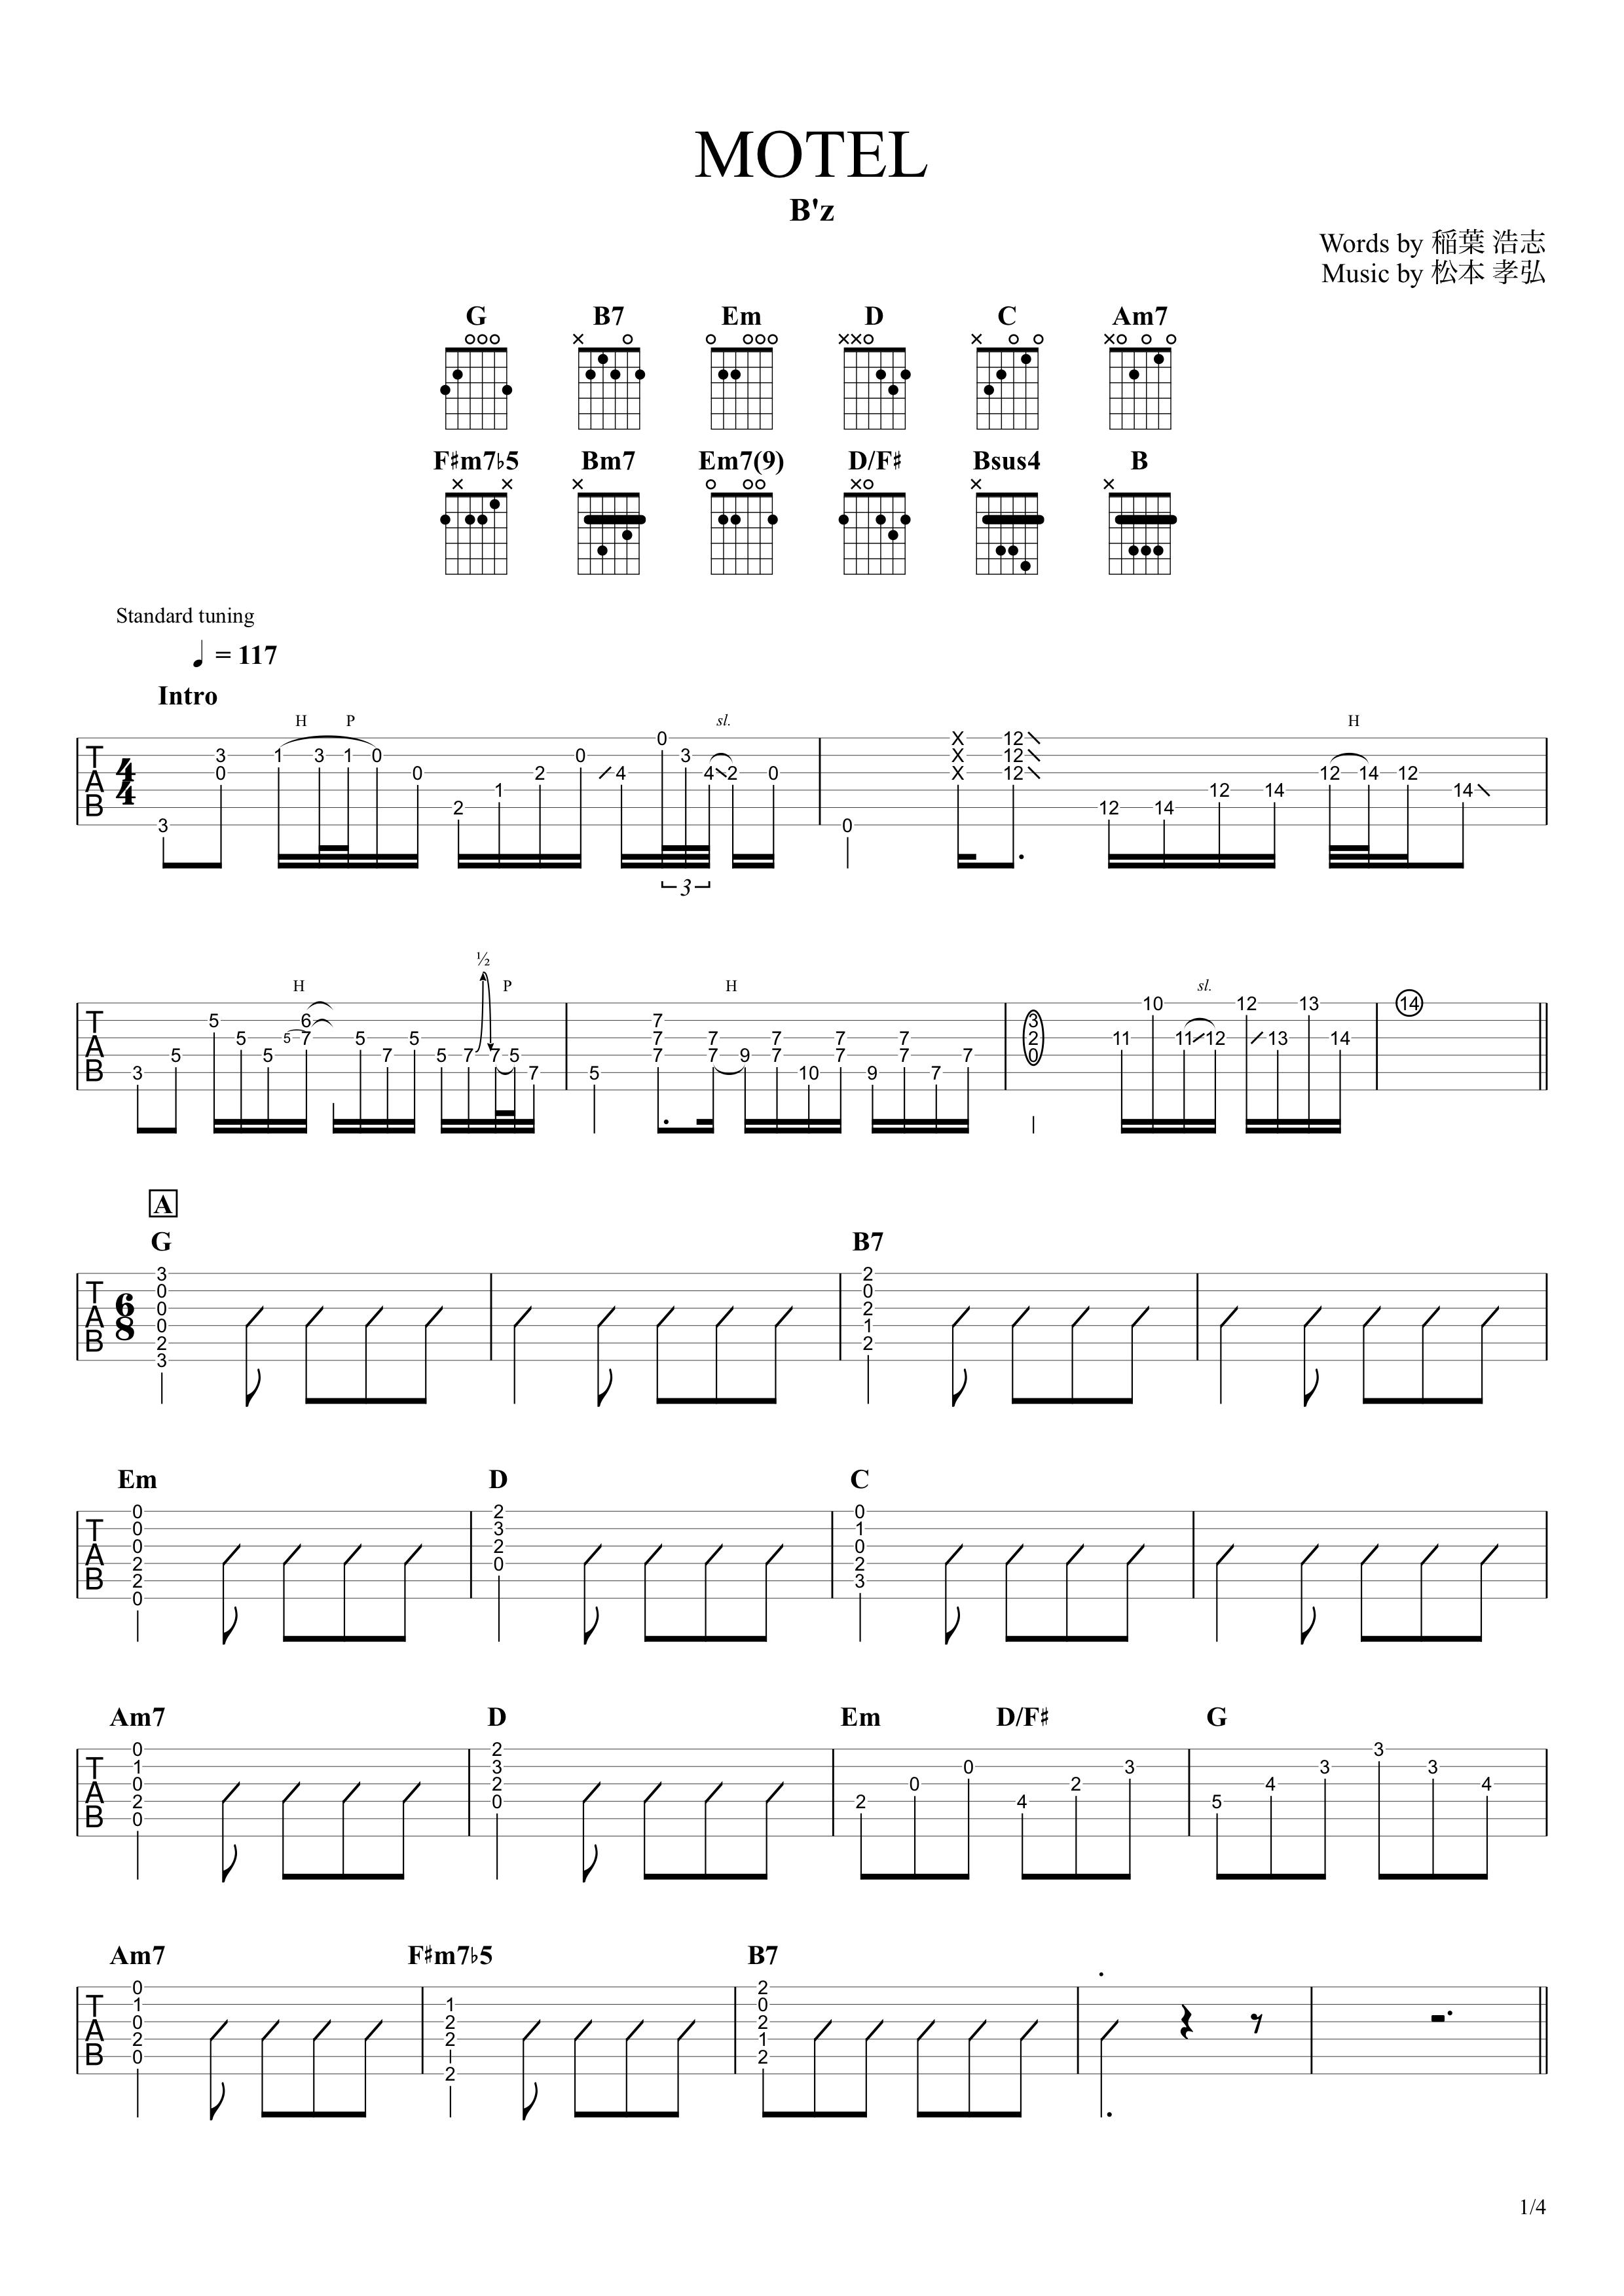 MOTEL/B'z ギタータブ譜 アコギイントロ完コピ&コードストロークで弾くVer.01